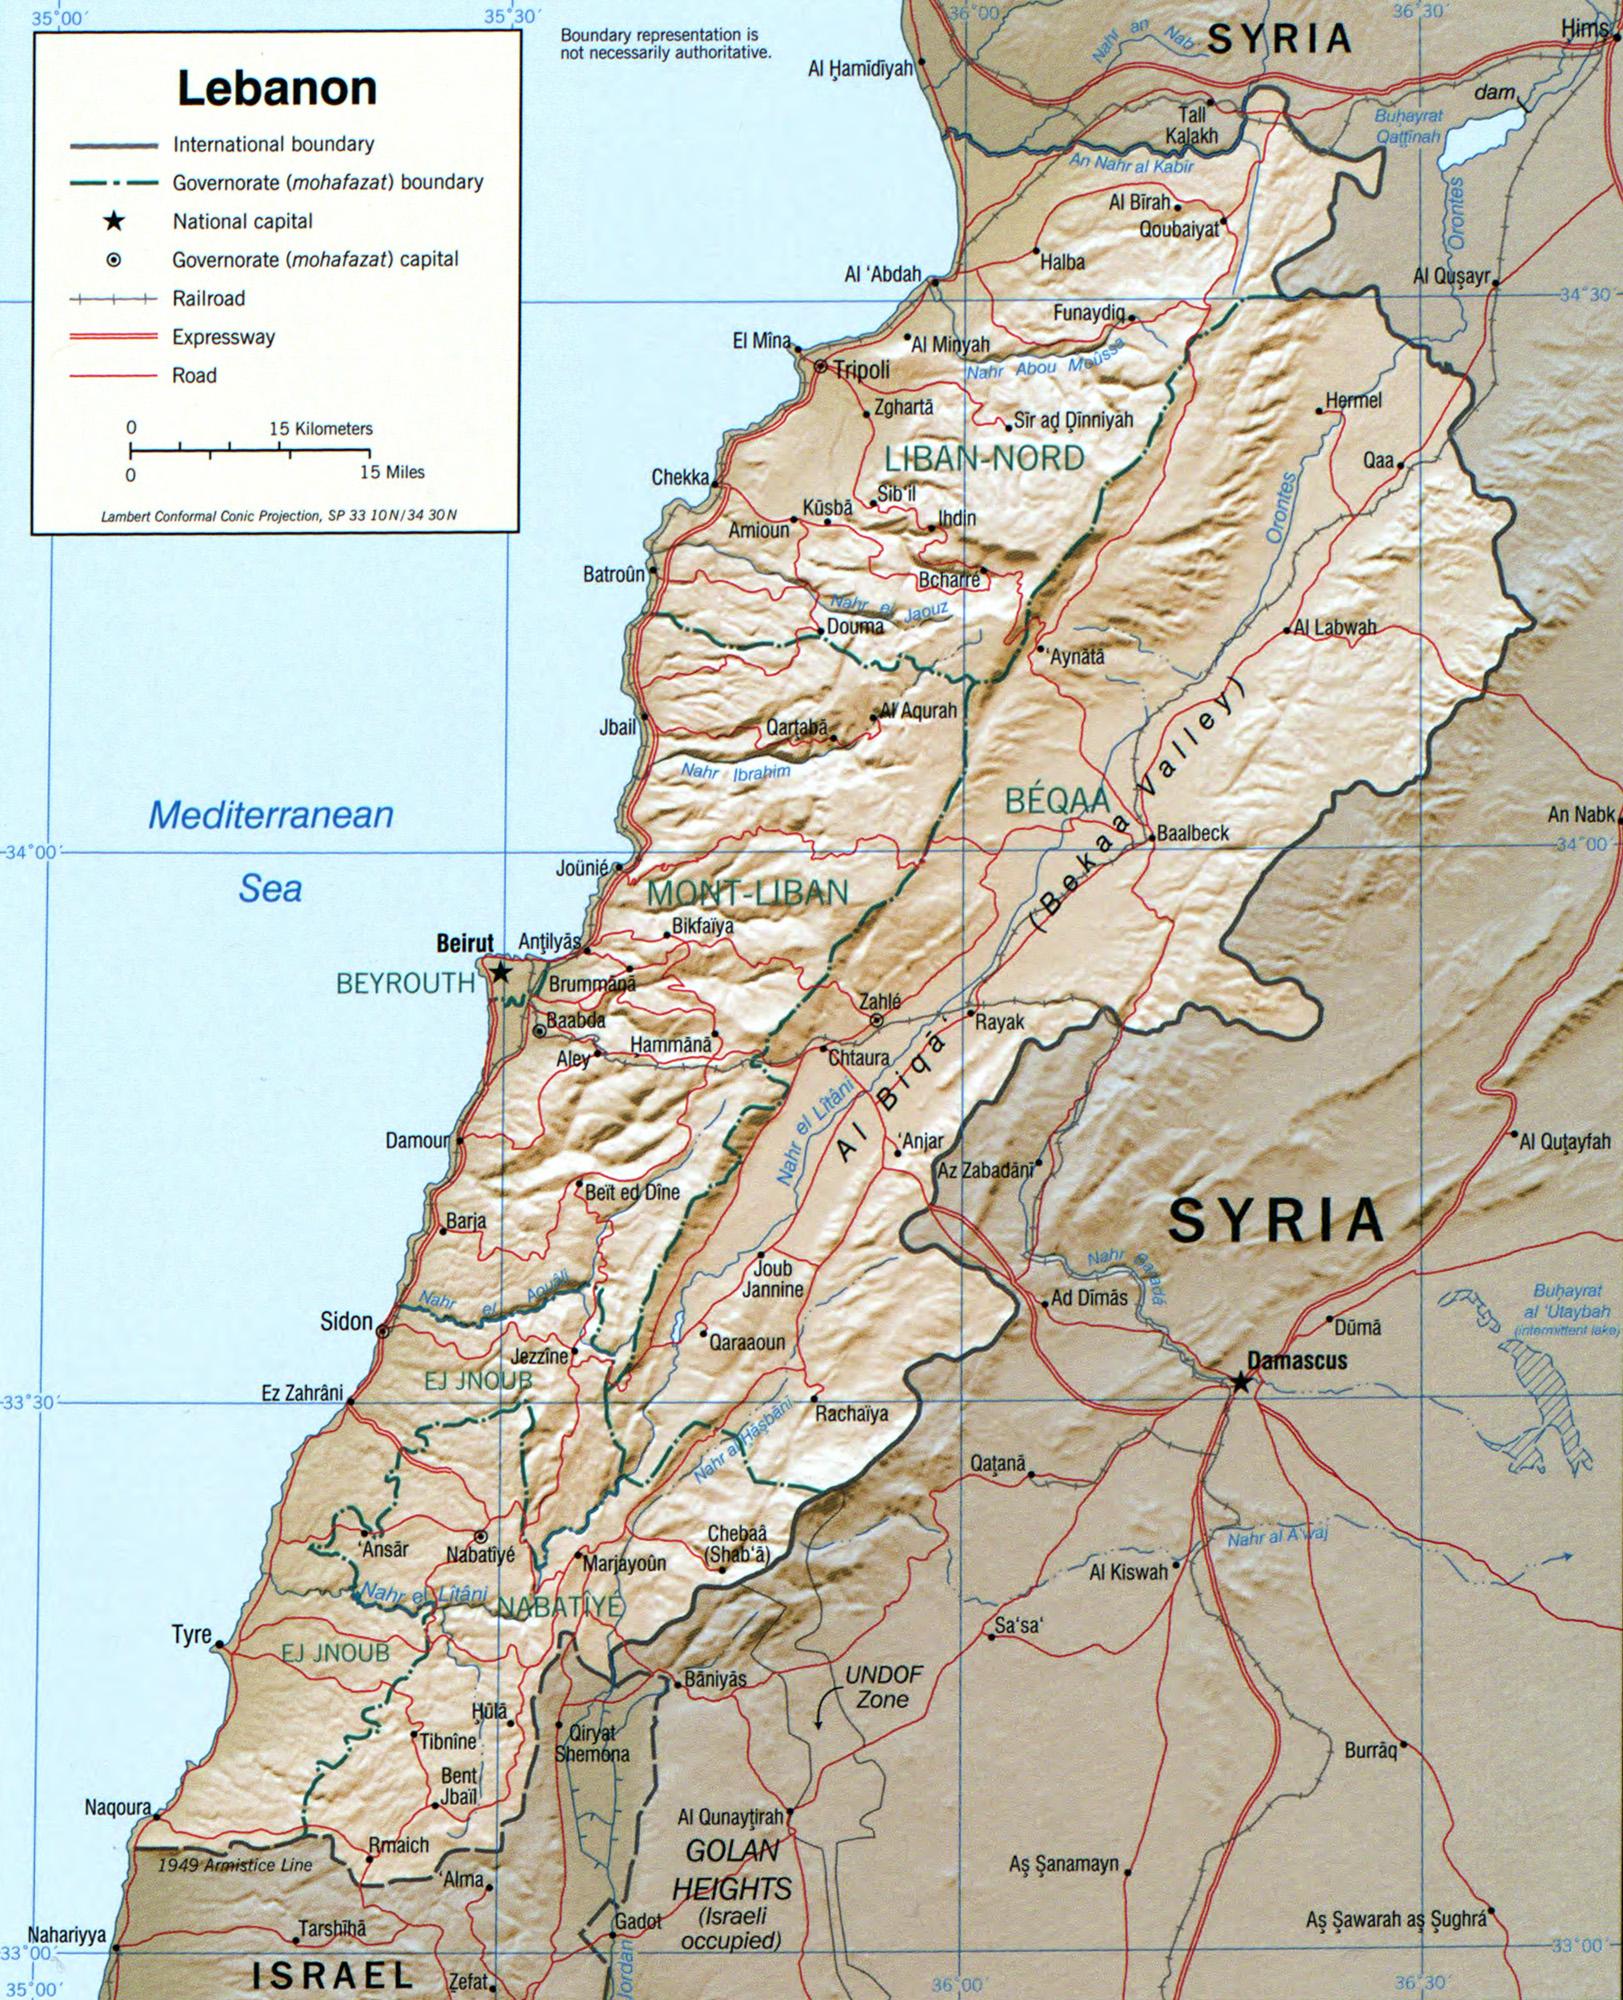 レバノンの地理 , Wikipedia